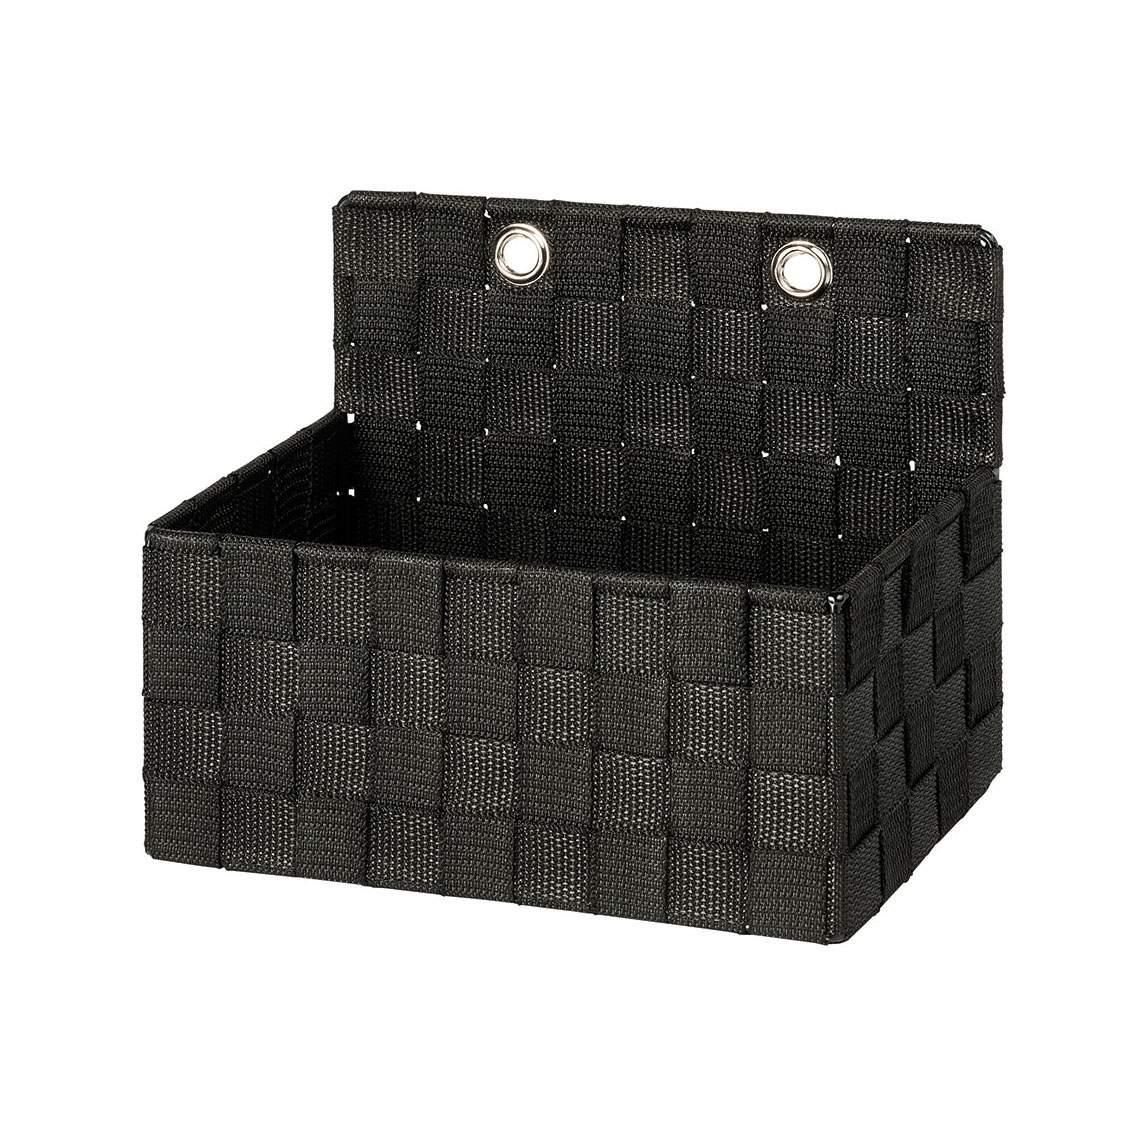 Сетчатый карман-органайзер для ванной на присосках купить в ... | 1131x1131